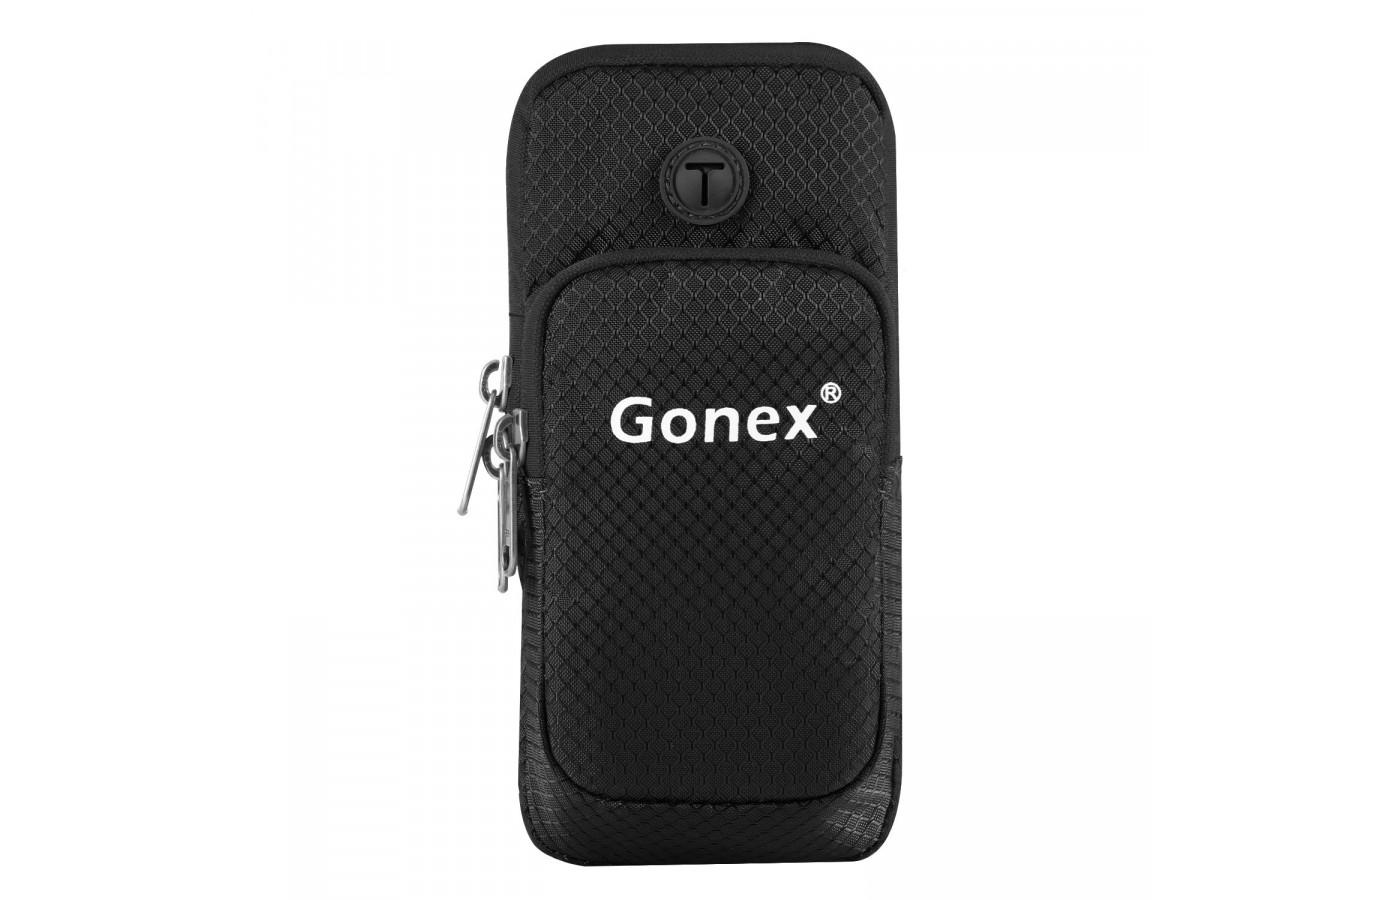 gonex Armband Front